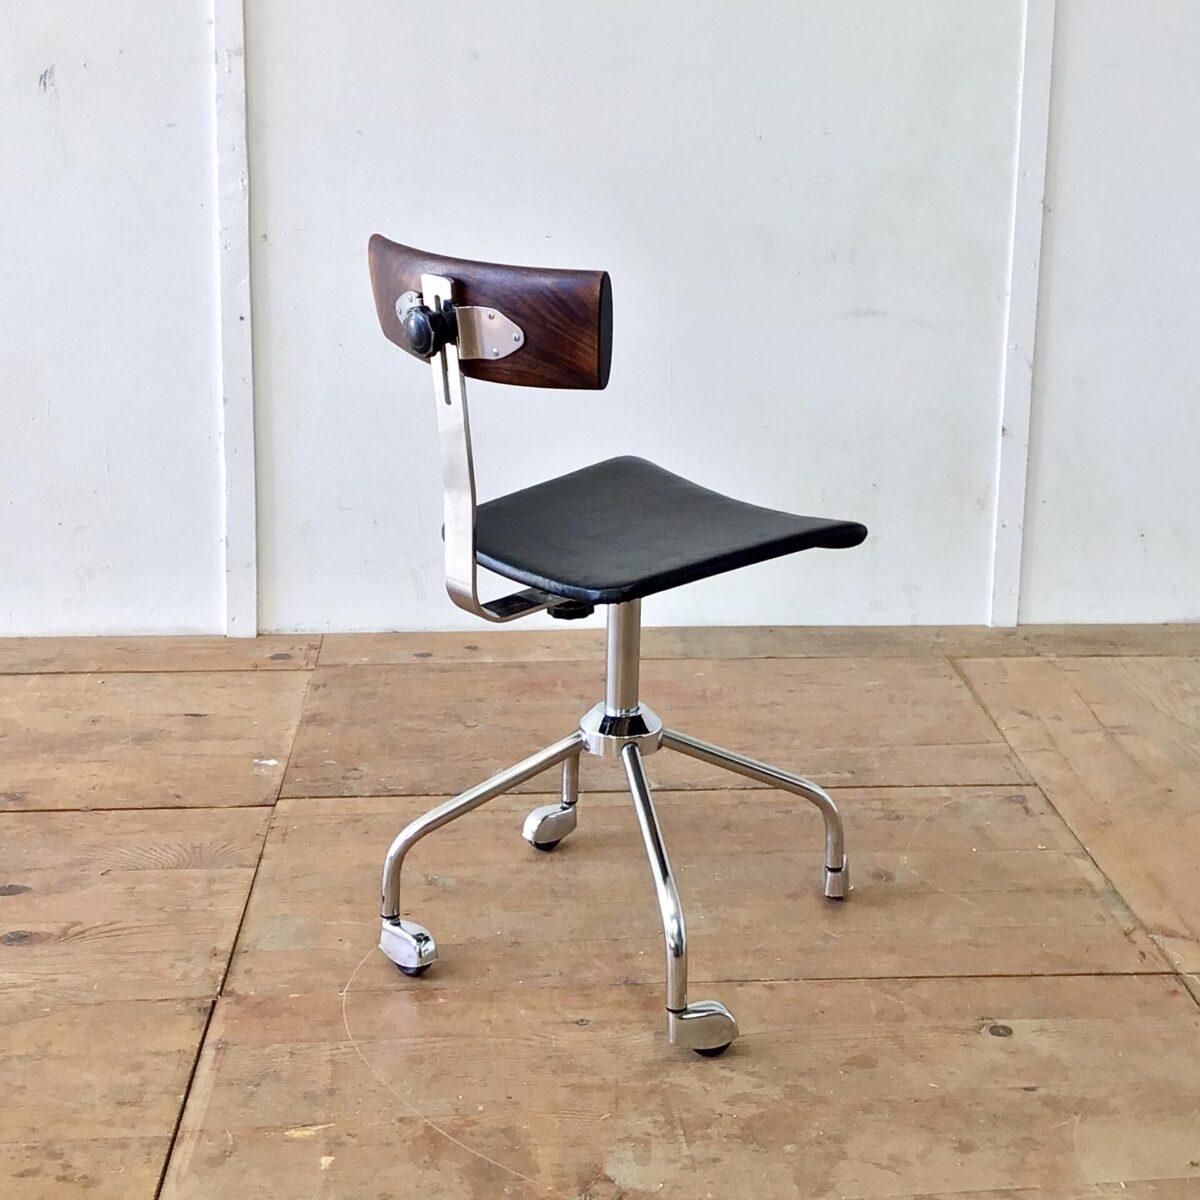 Dieser alte, feingliedrige Bürostuhl kam nur als Untergestell zu uns. Er bekam eine neue Sitzfläche aus schwarzem Leder. Die Rückenlehne ist aus Palisander Vollholz geschnitzt. Das Ziel war die Runden Formen der Füsse, oben nochmal aufzugreifen. Und Trotzdem einen eckigen, markanten Kontrast zu schaffen. Der Stuhl ist höhenverstellbar von 48-60cm.